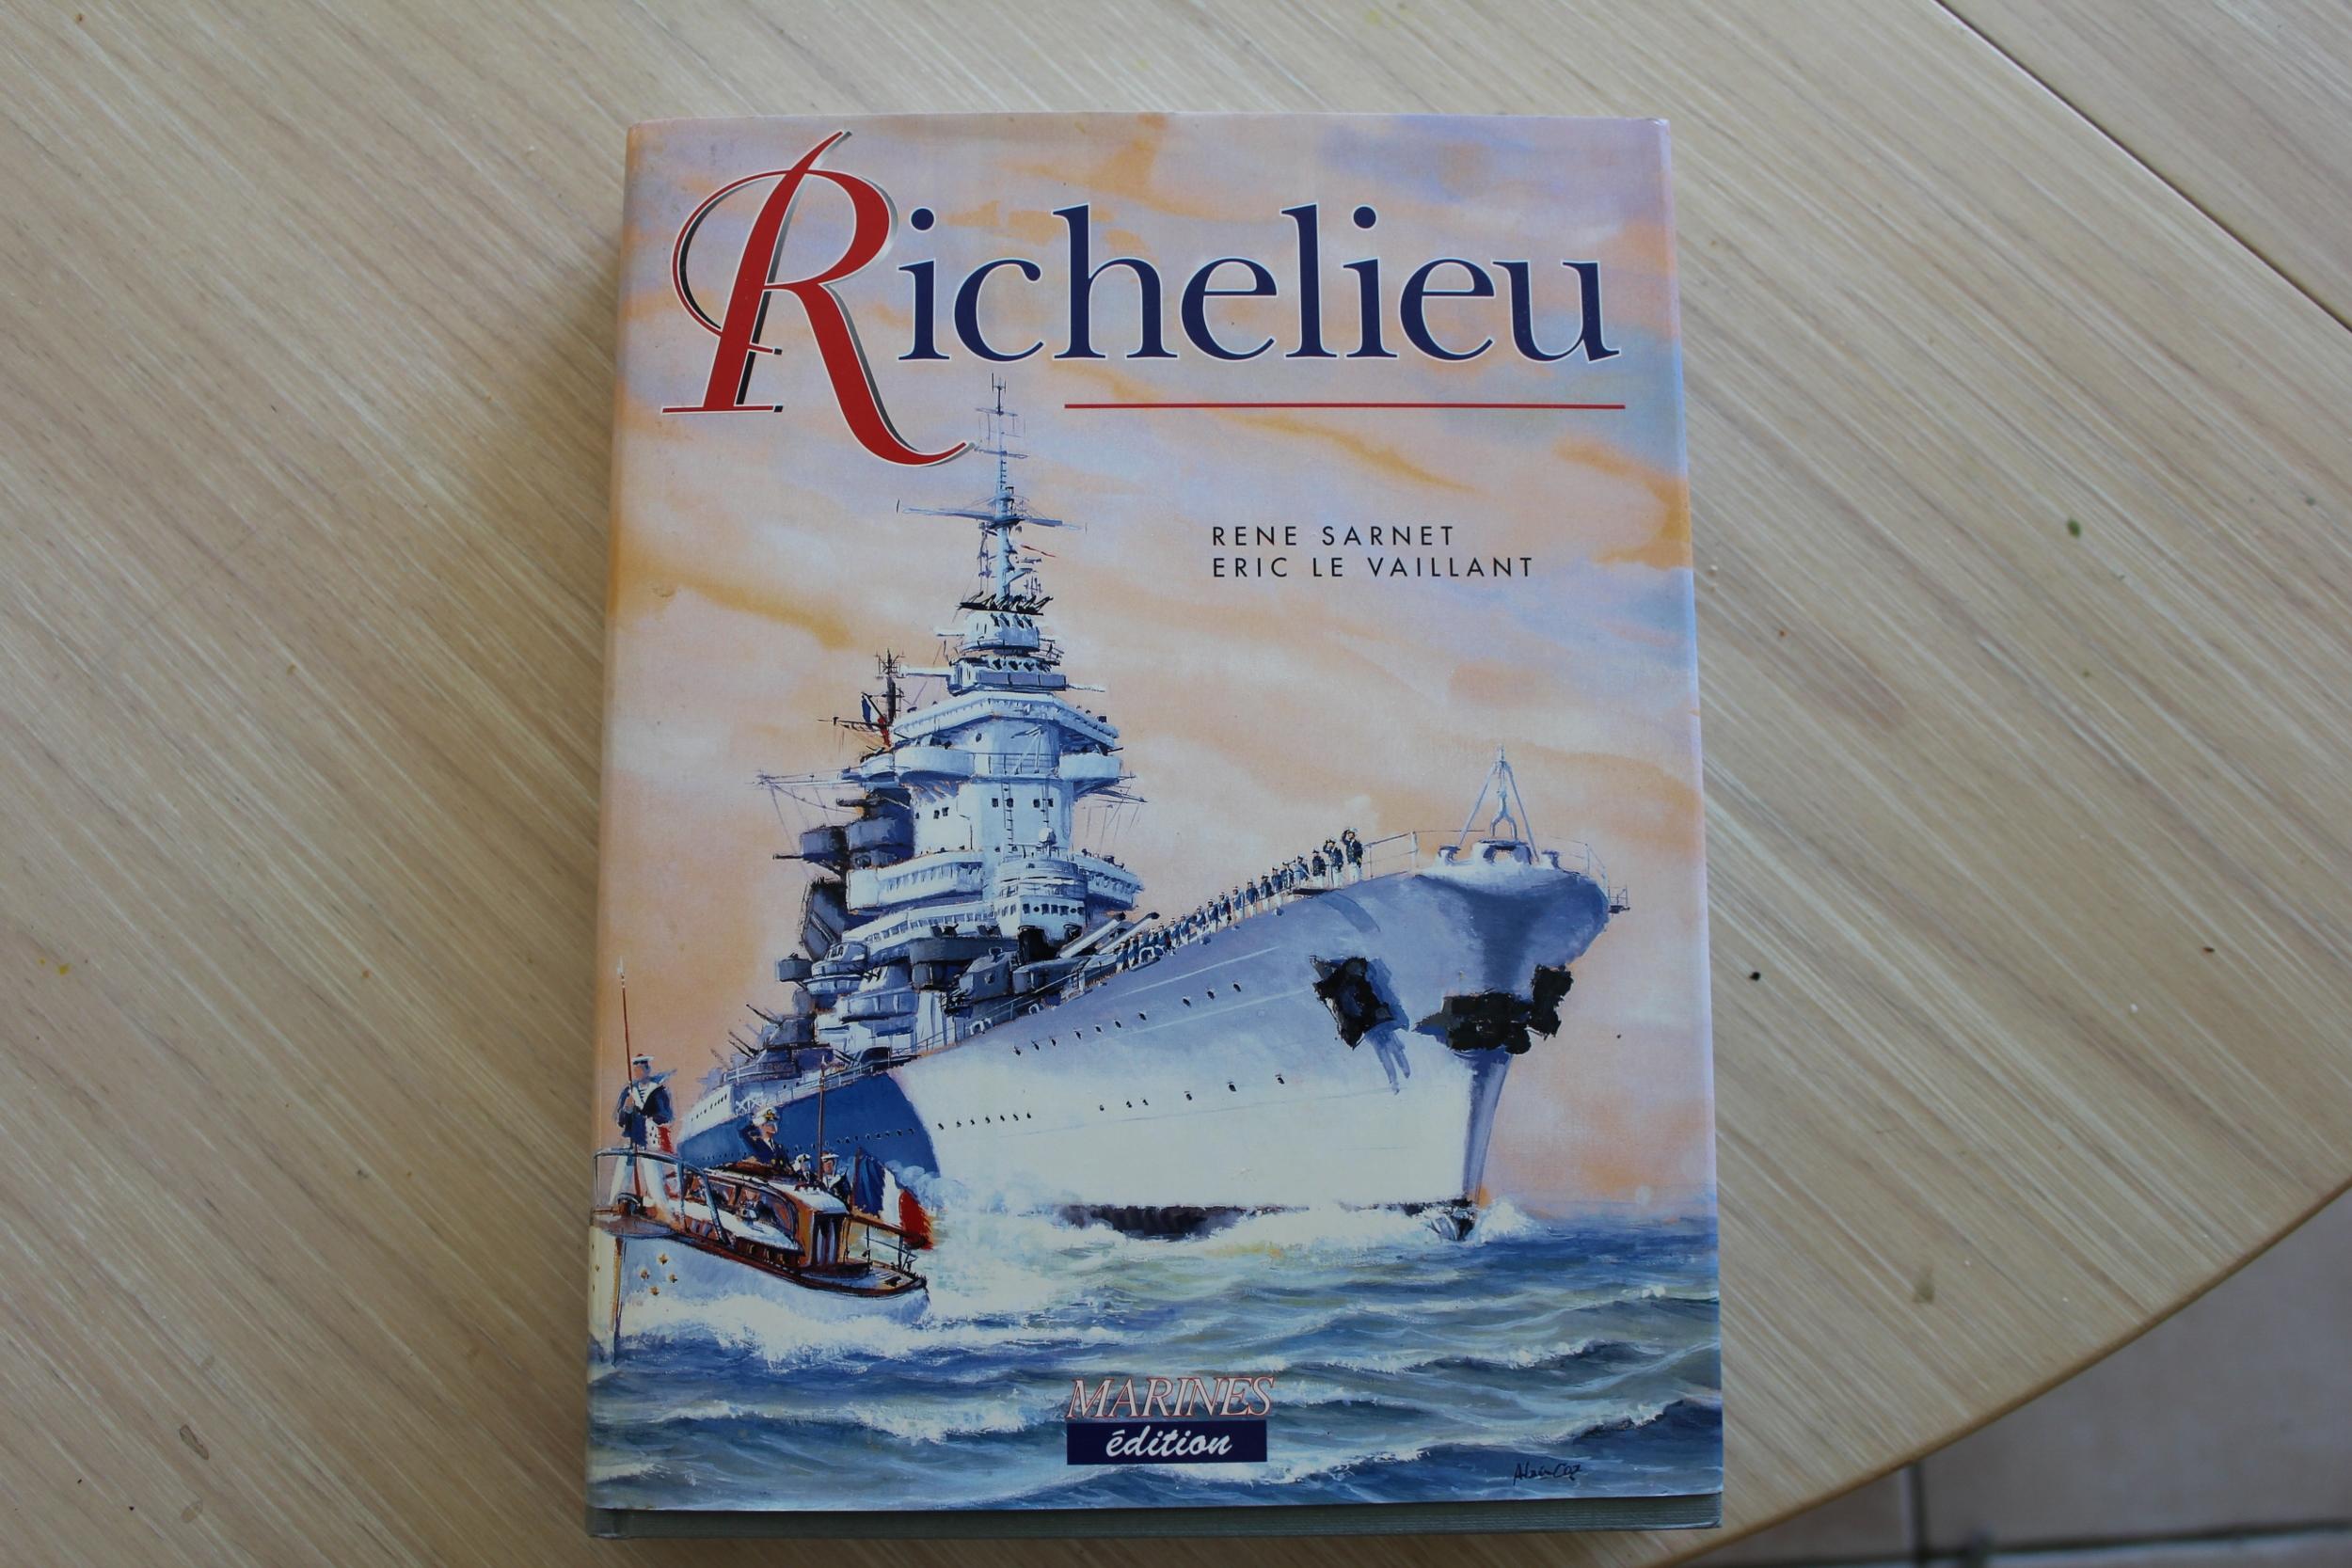 Cuirassé Richelieu 1/100 Vrsion 1943 sur plans Polonais et Sarnet + Dumas - Page 2 825317IMG08962500x1667